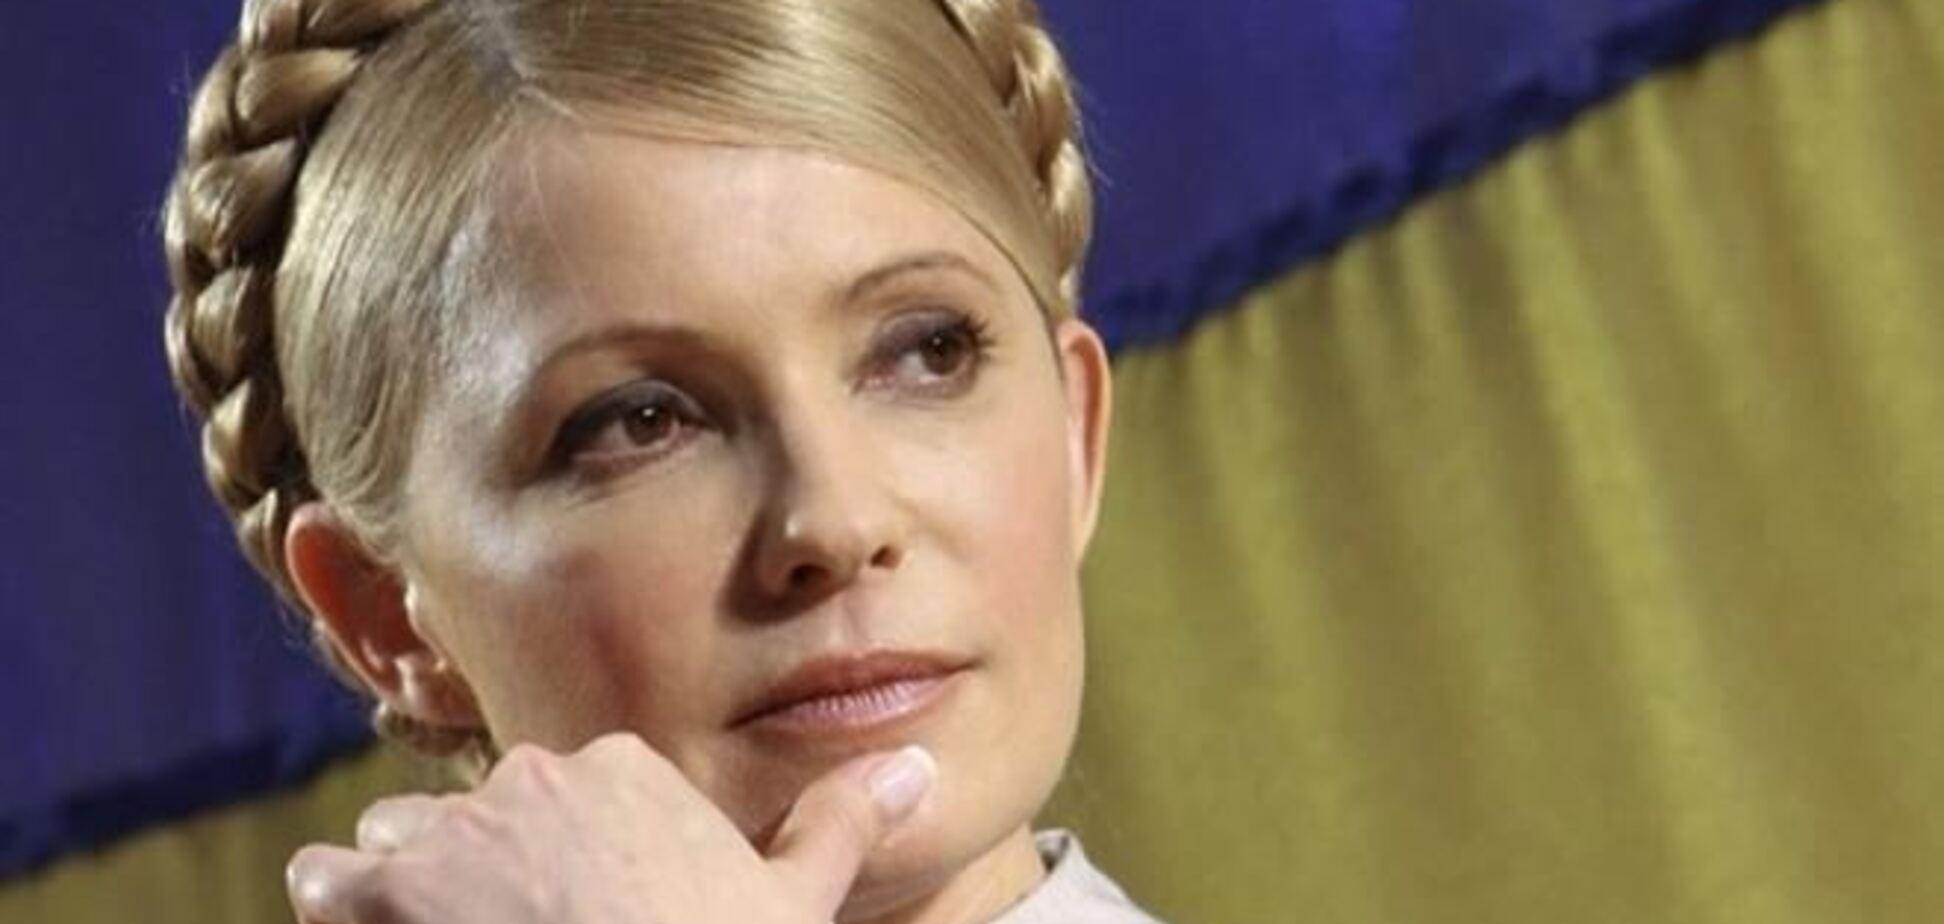 Порошенко запретил говорить о Тимошенко на '5 канале' - Власенко